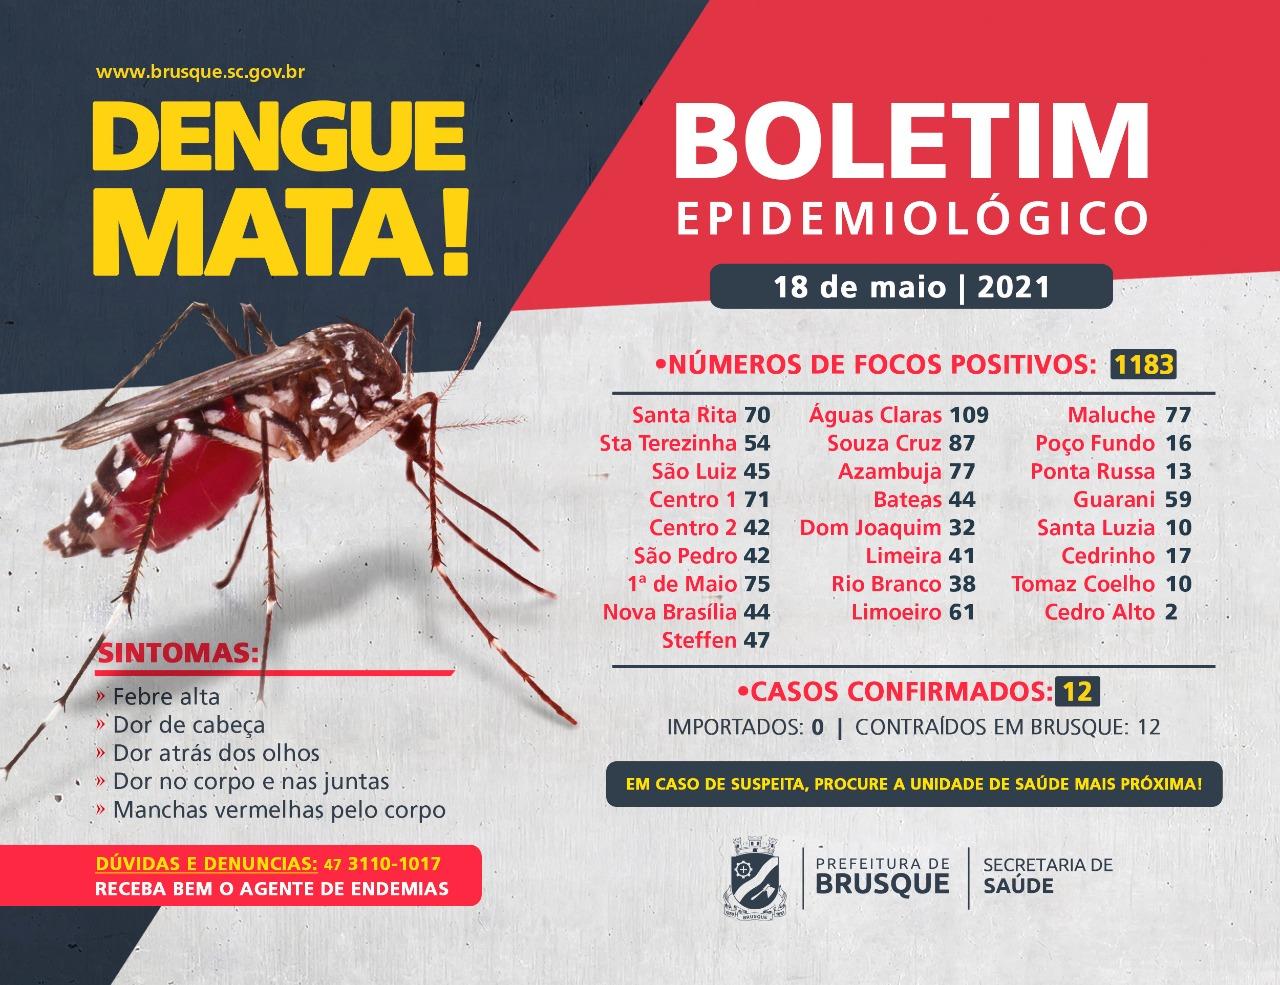 Brusque contabiliza 1.183 focos de Dengue em 2021